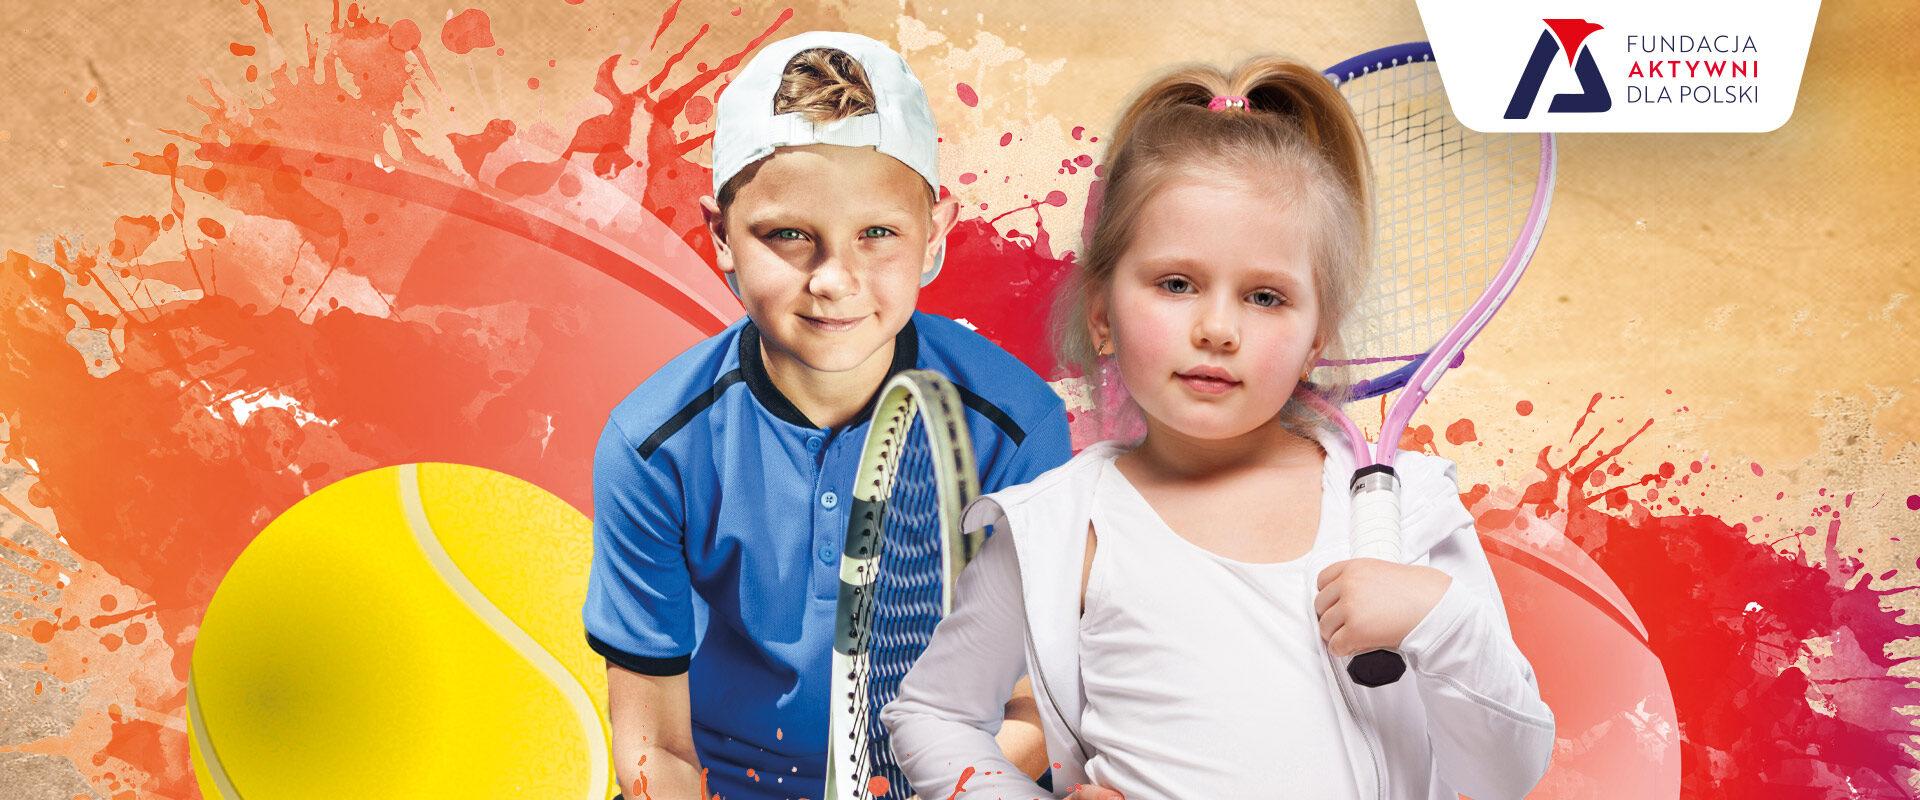 Ogólnopolski Tenisowy Dzień Dziecka 2021